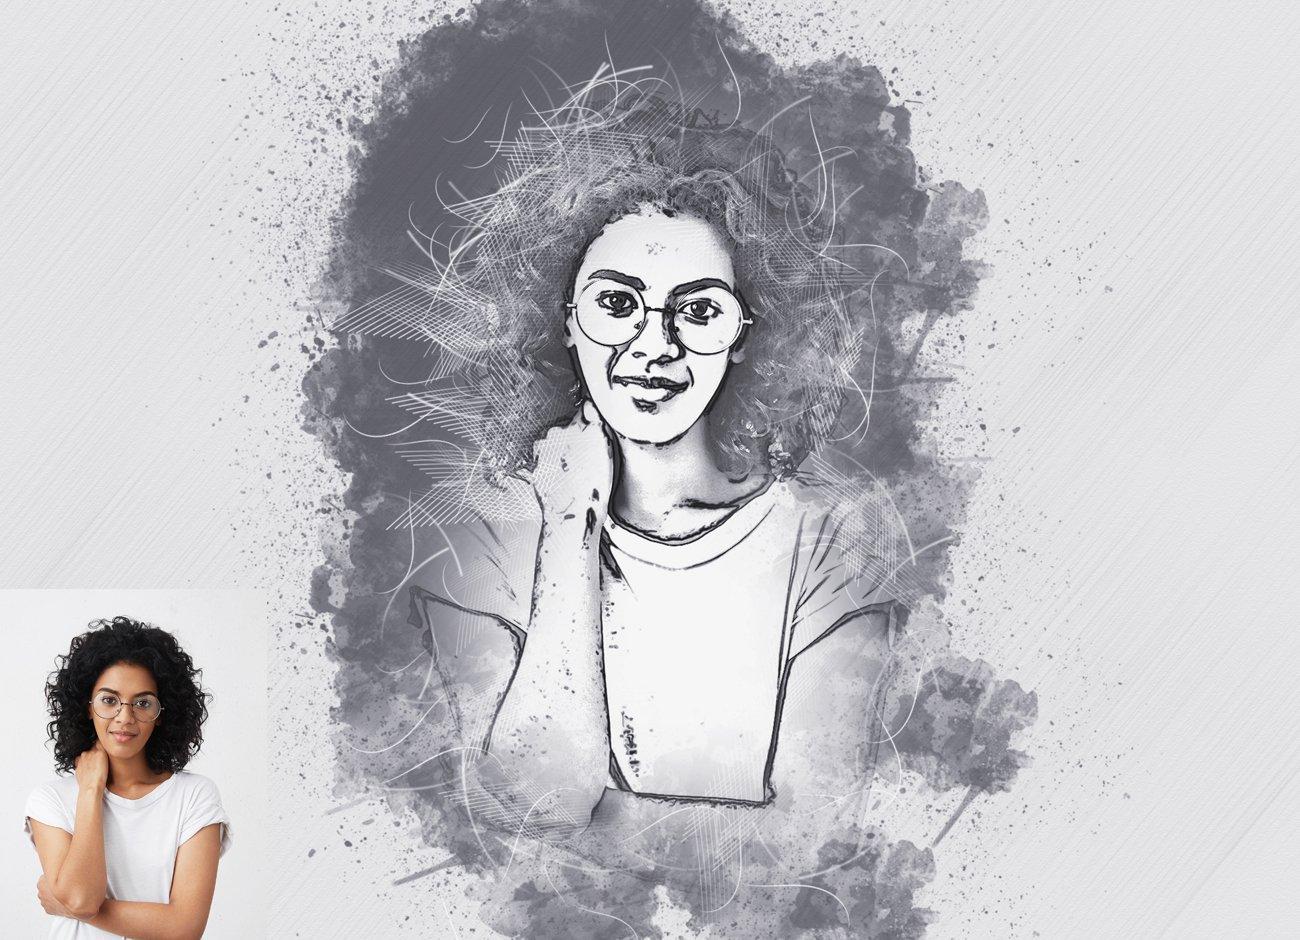 铅笔手绘素描效果照片处理特效PS动作模板 Hand Drawing Sketch Photoshop Action插图5